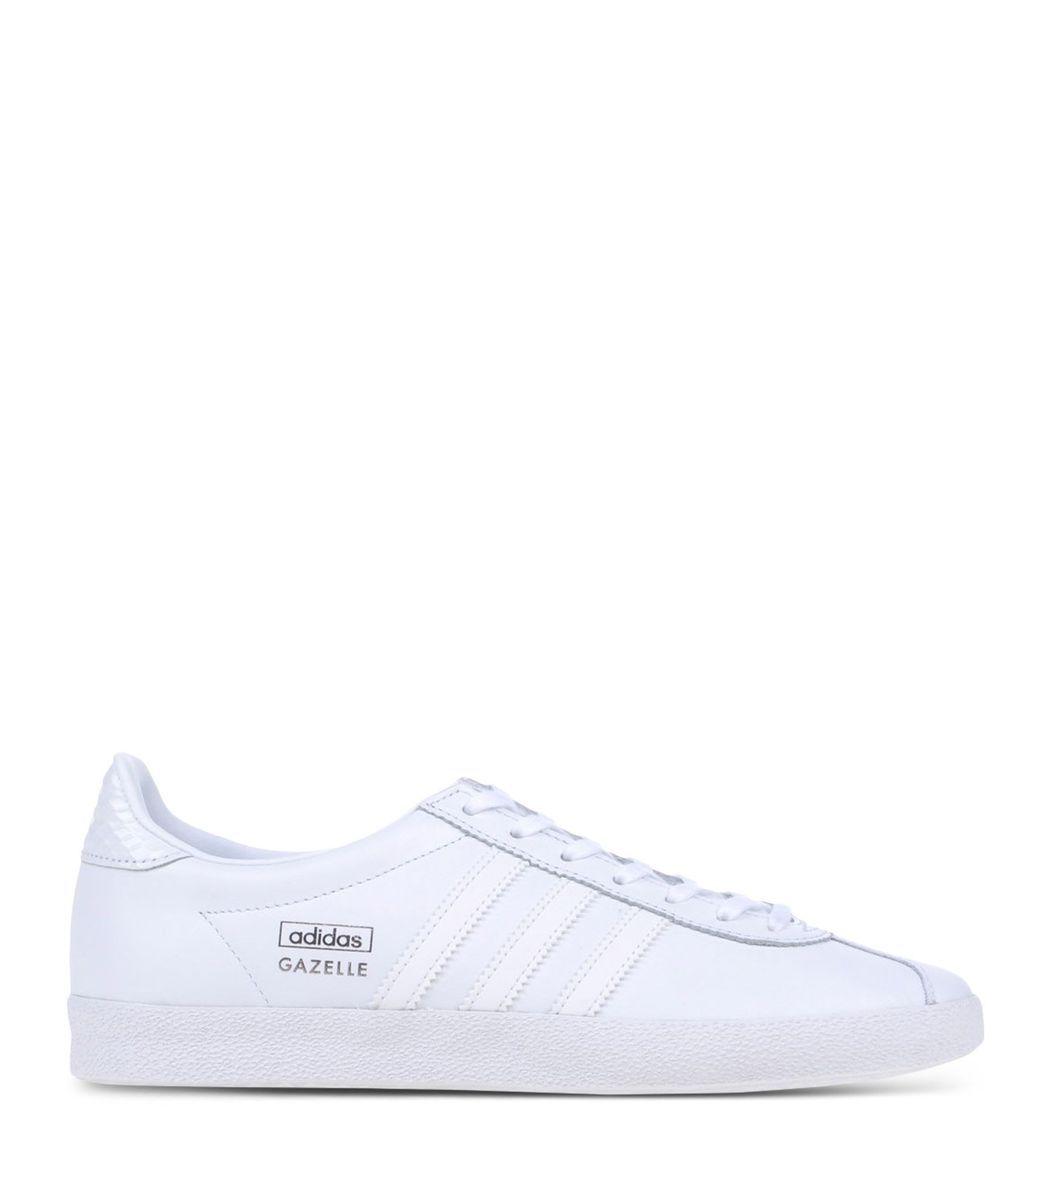 new list best sneakers uk cheap sale deportivas blancas y